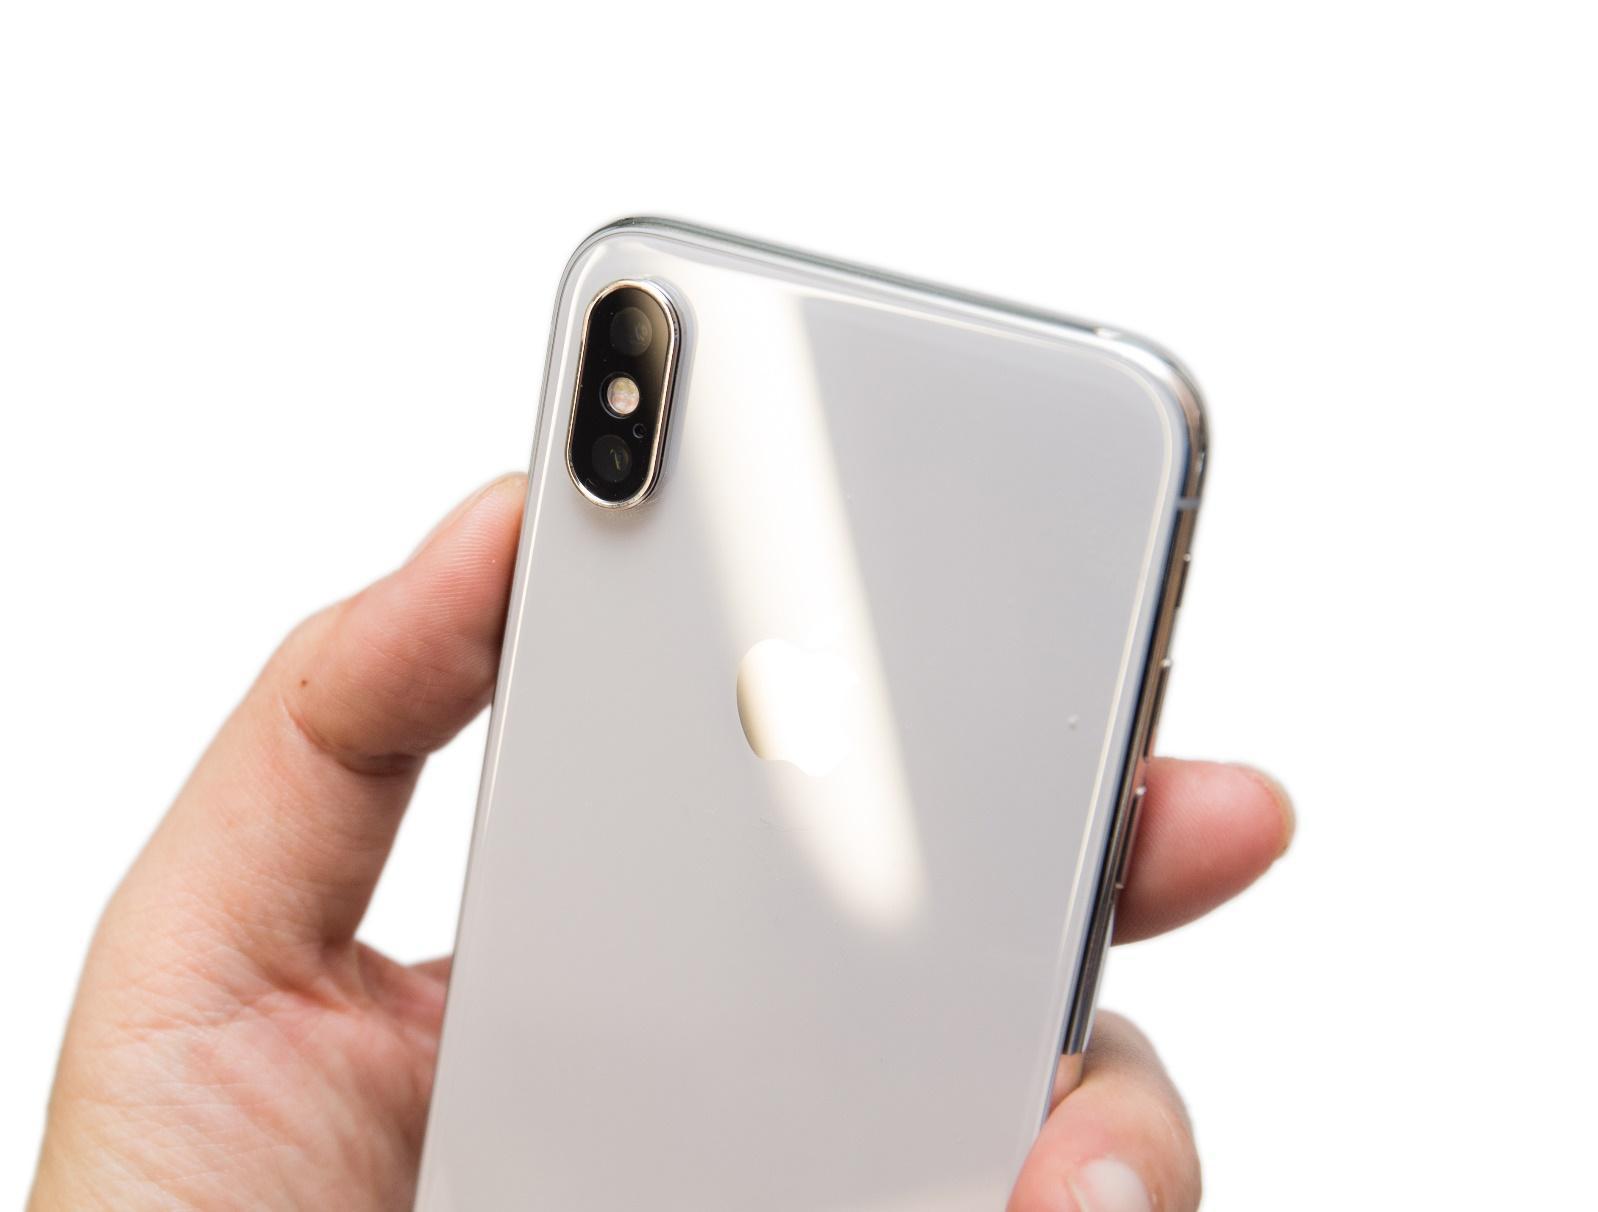 全方位頂級保護!iMOS『藍寶石光學玻璃金屬光鏡頭保護鏡』給 iPhone X 頂級鏡頭保護!亢撞防污完全不影響拍照! @3C 達人廖阿輝